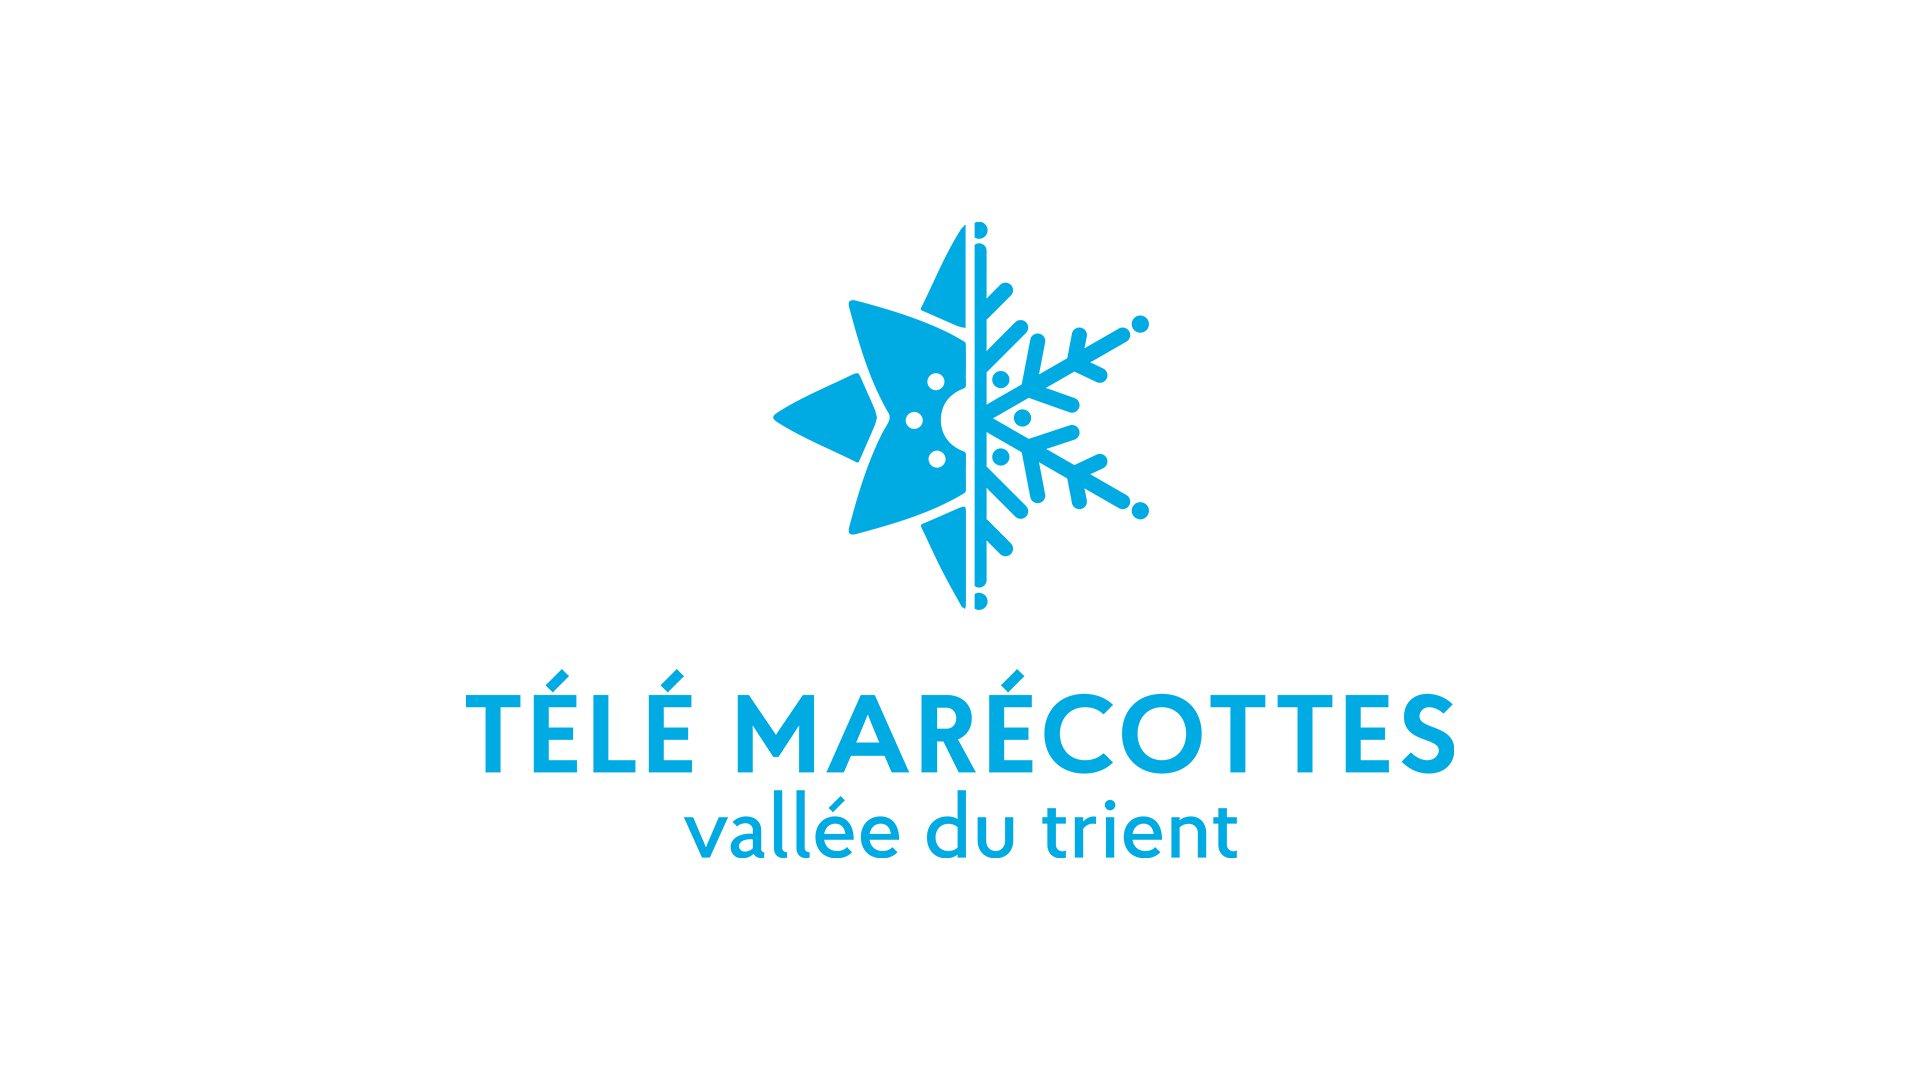 TéléMarécottes SA